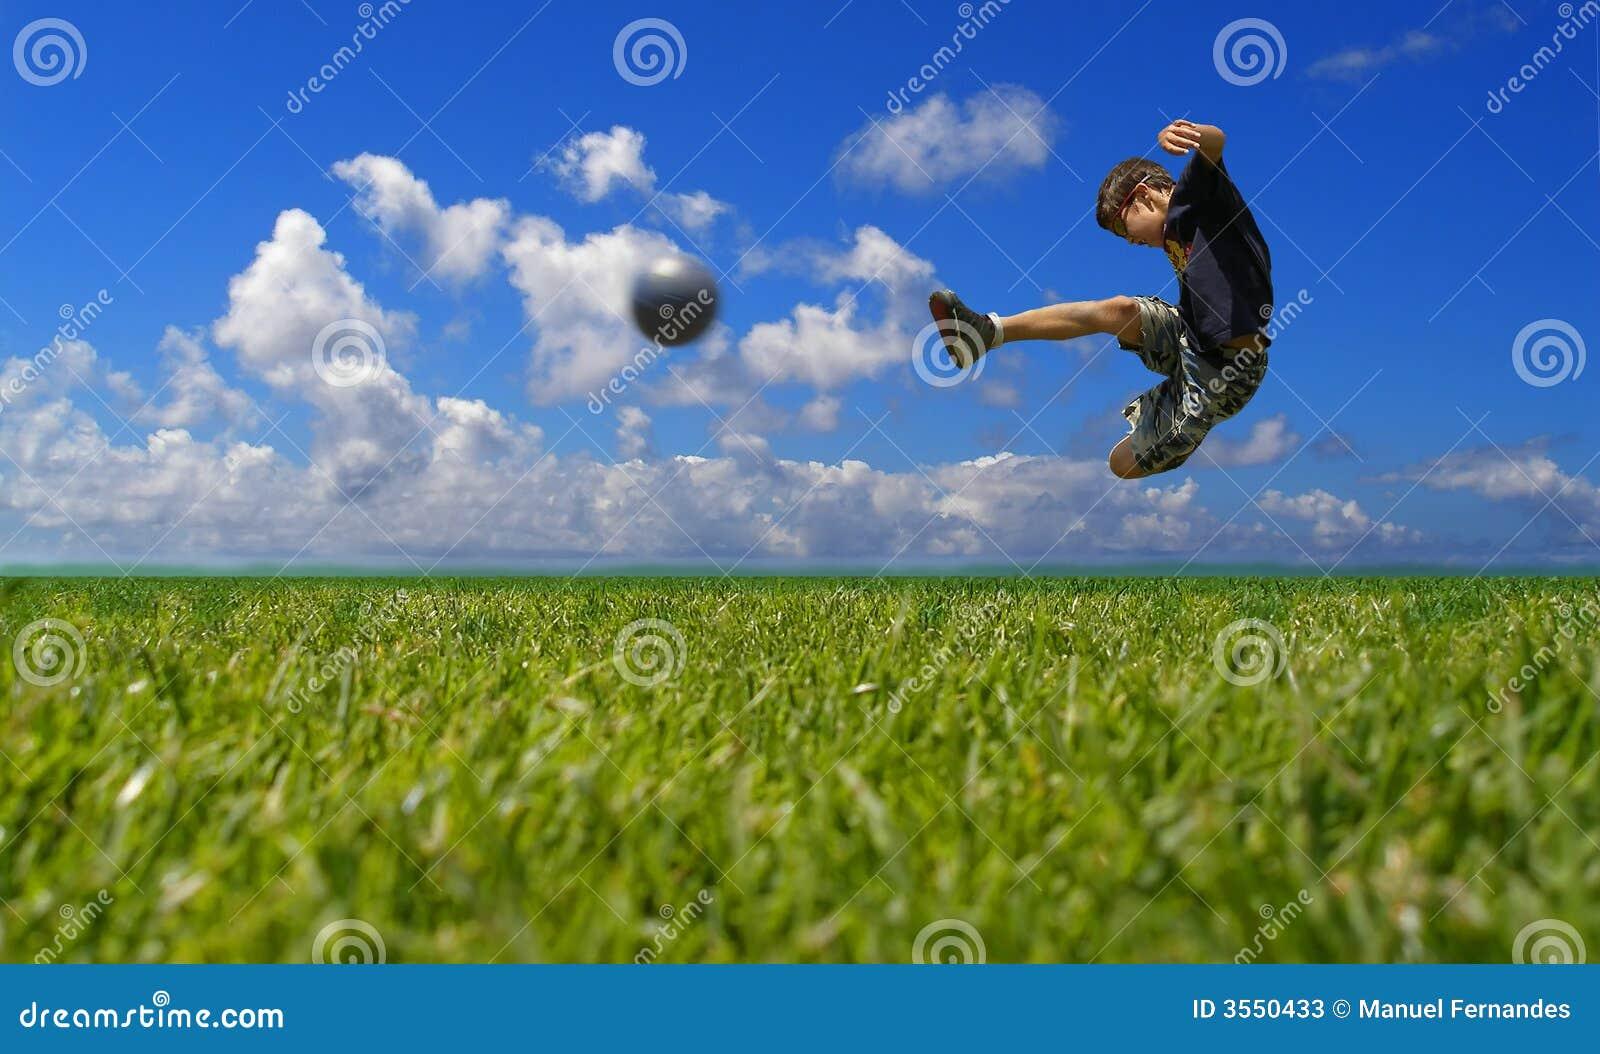 Ragazzo che gioca calcio - residuo della potatura meccanica